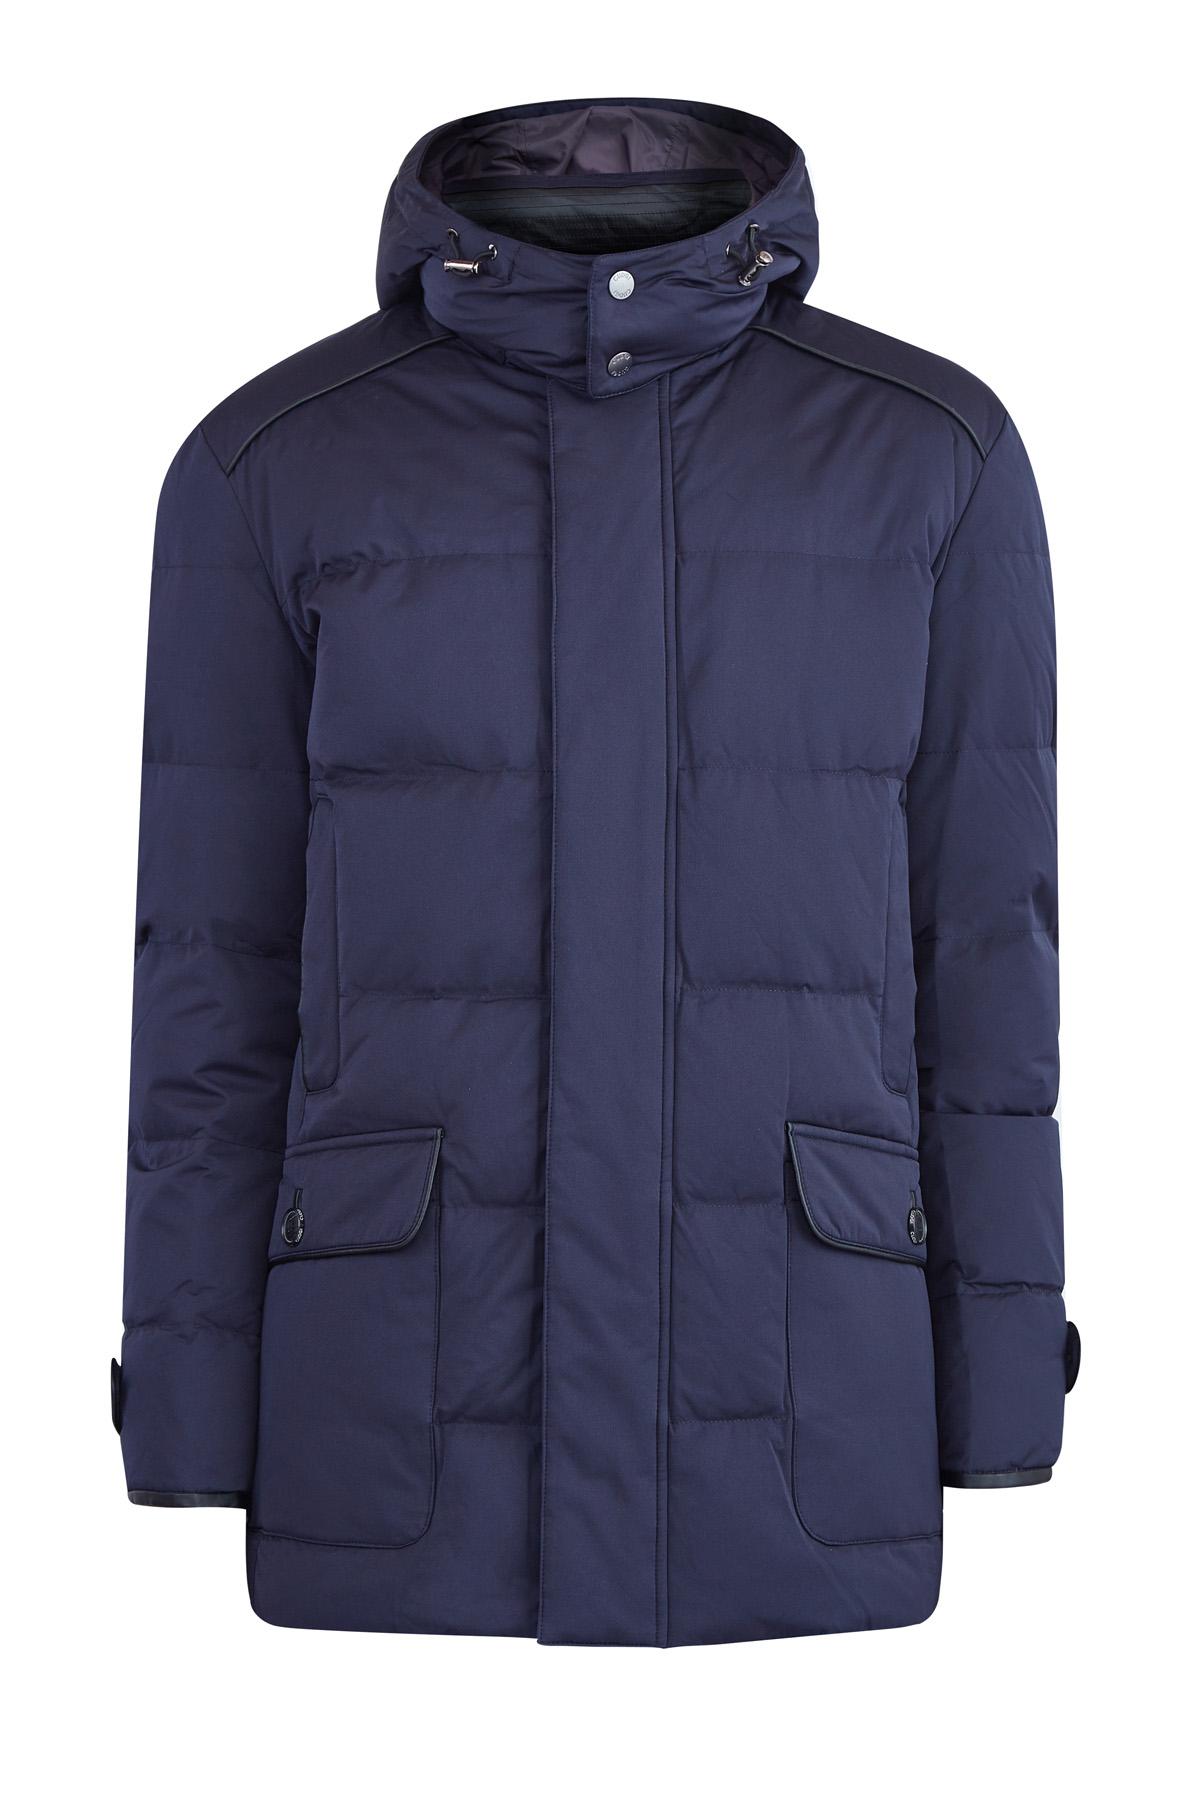 Купить Куртка, CUDGI, Италия, акрил 67%, полиэстер 16%, шерсть 15%, спандекс 2%, пух 90%, перо 10%